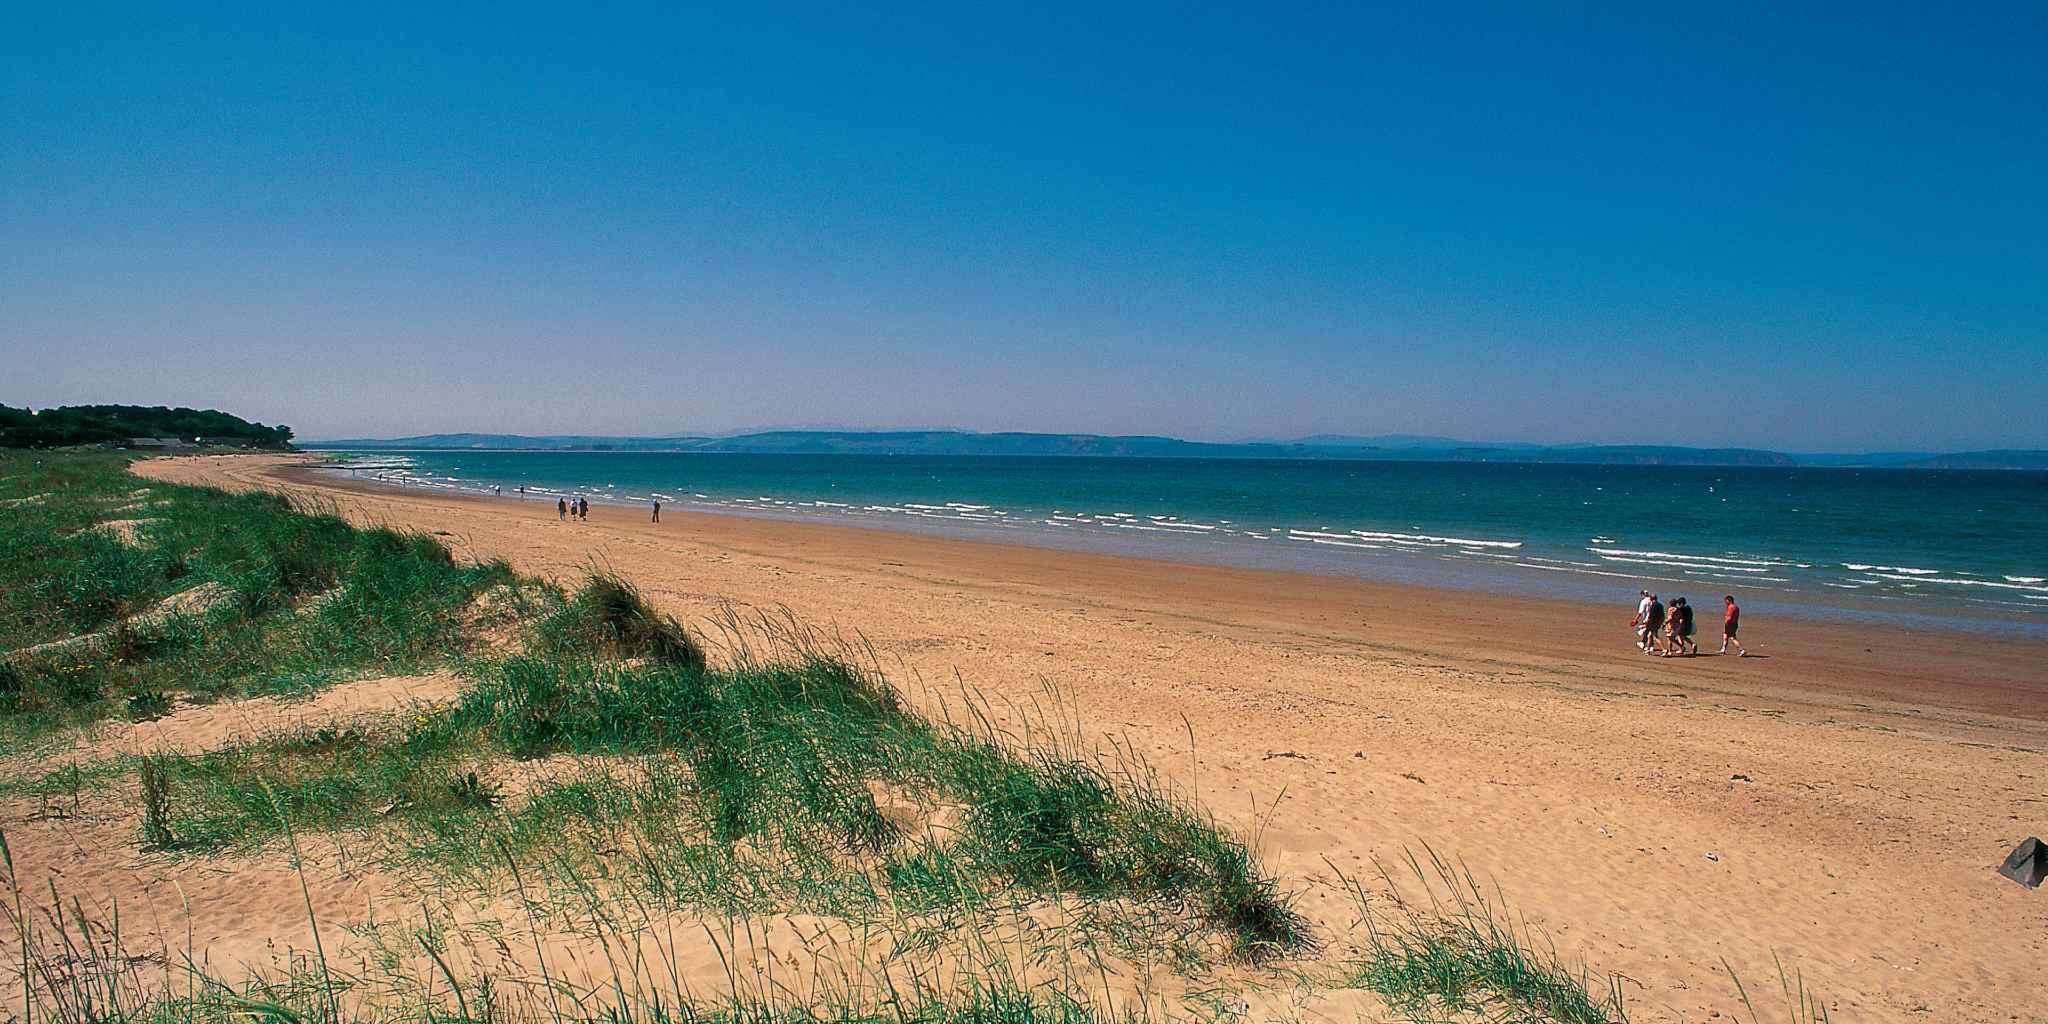 Narin Beach © VisitScotland / Paul Tomkins